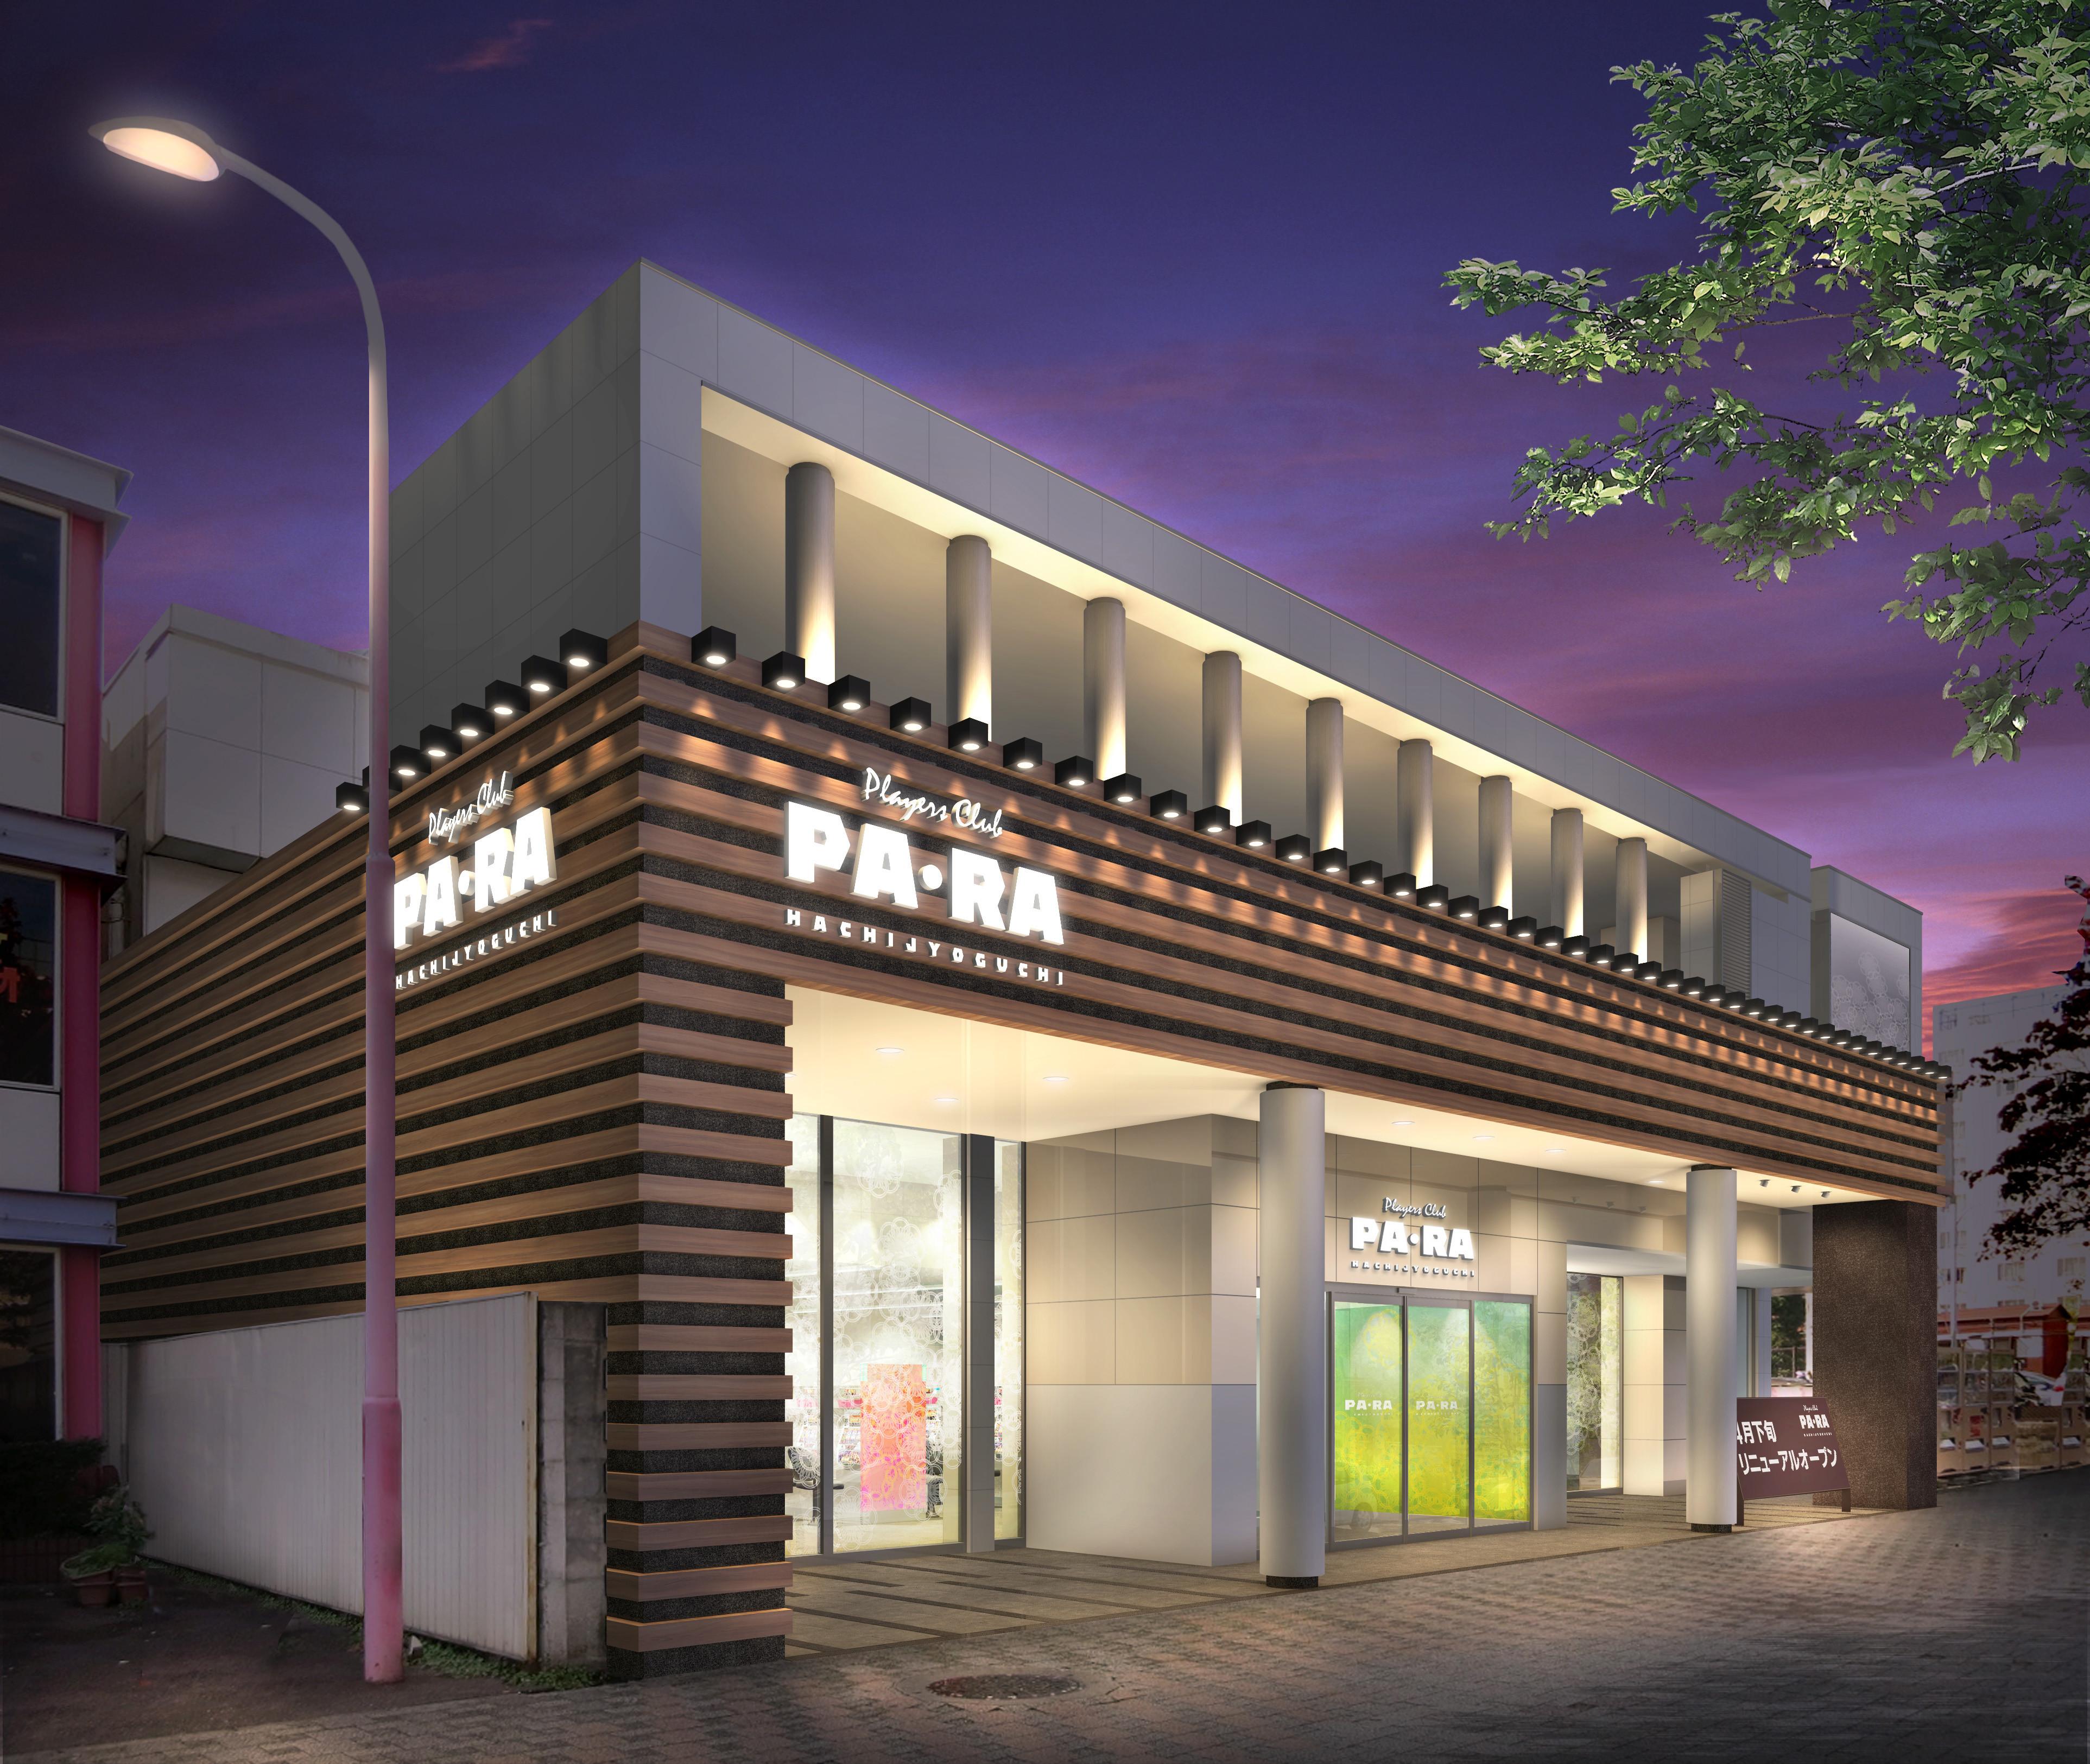 プレイヤーズクラブ PA・RA 八条口店 のアルバイト情報